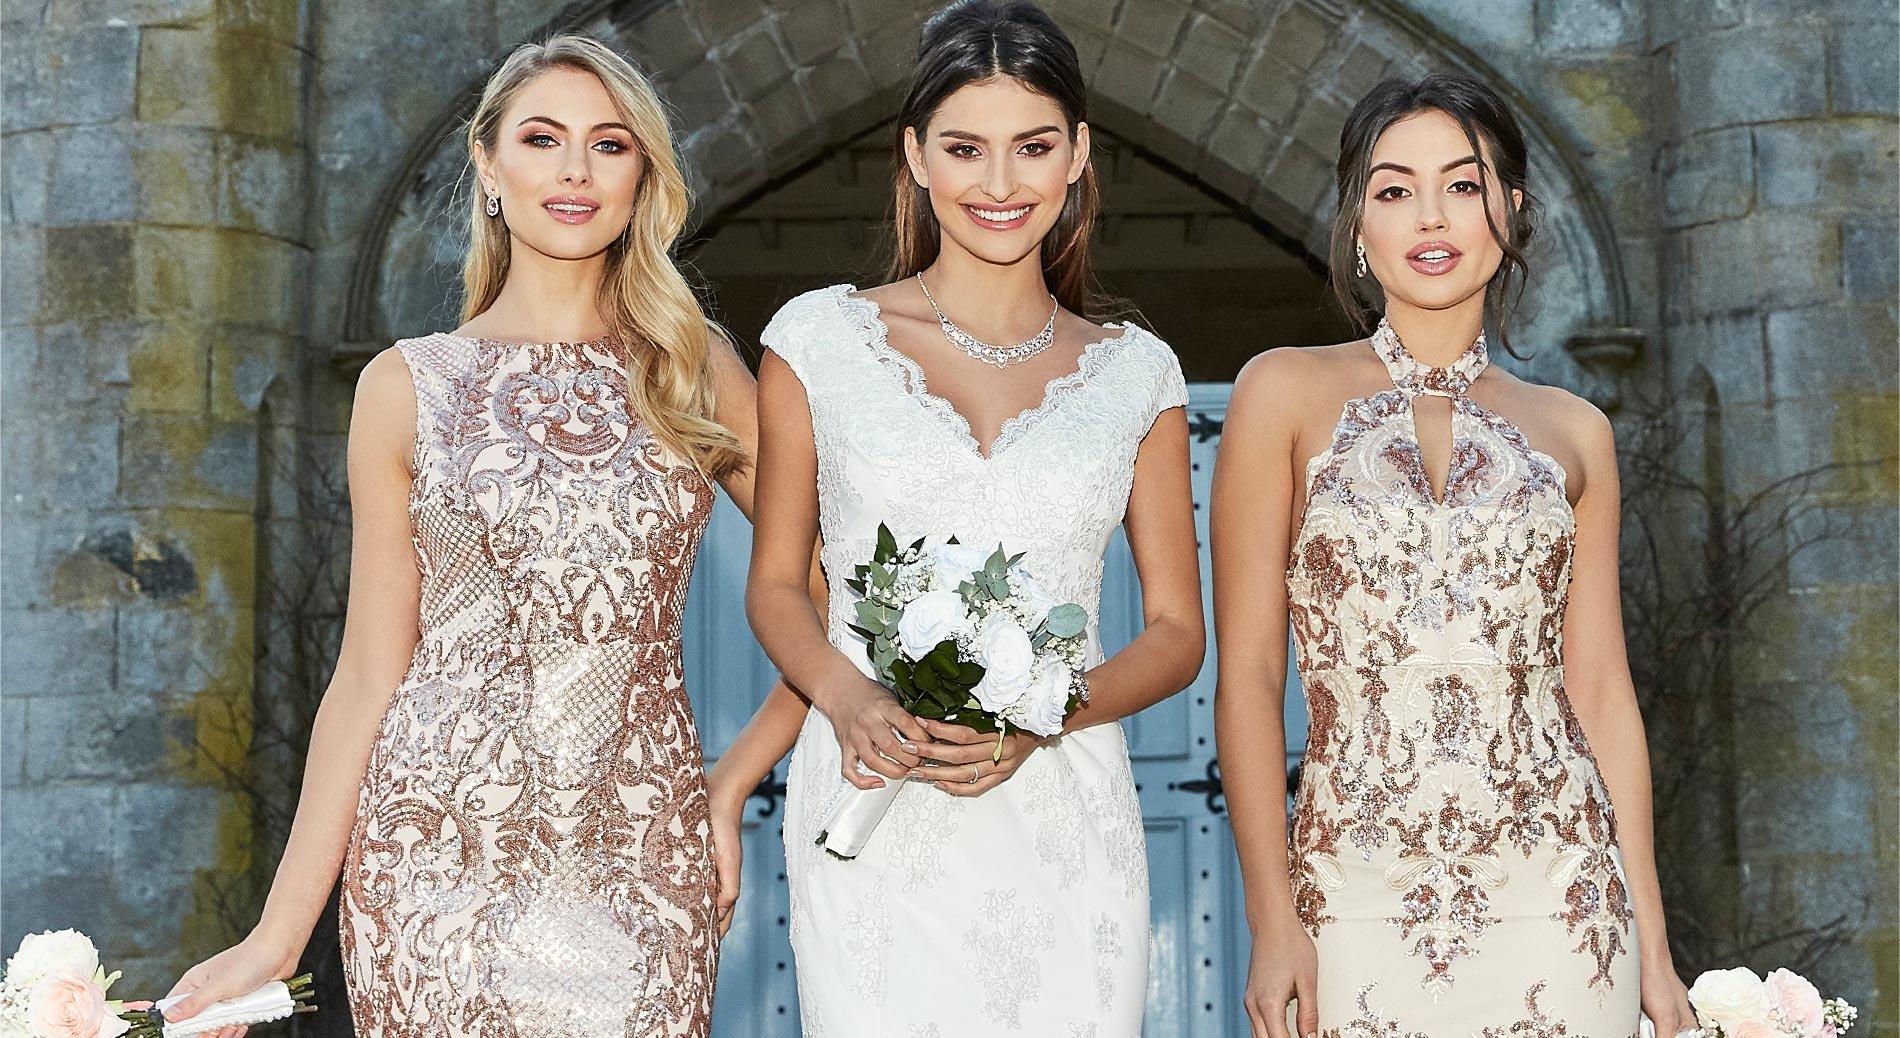 9b0ce0a1bf Ezek a szezon legszebb és legolcsóbb esküvői ruhái Angliából ...